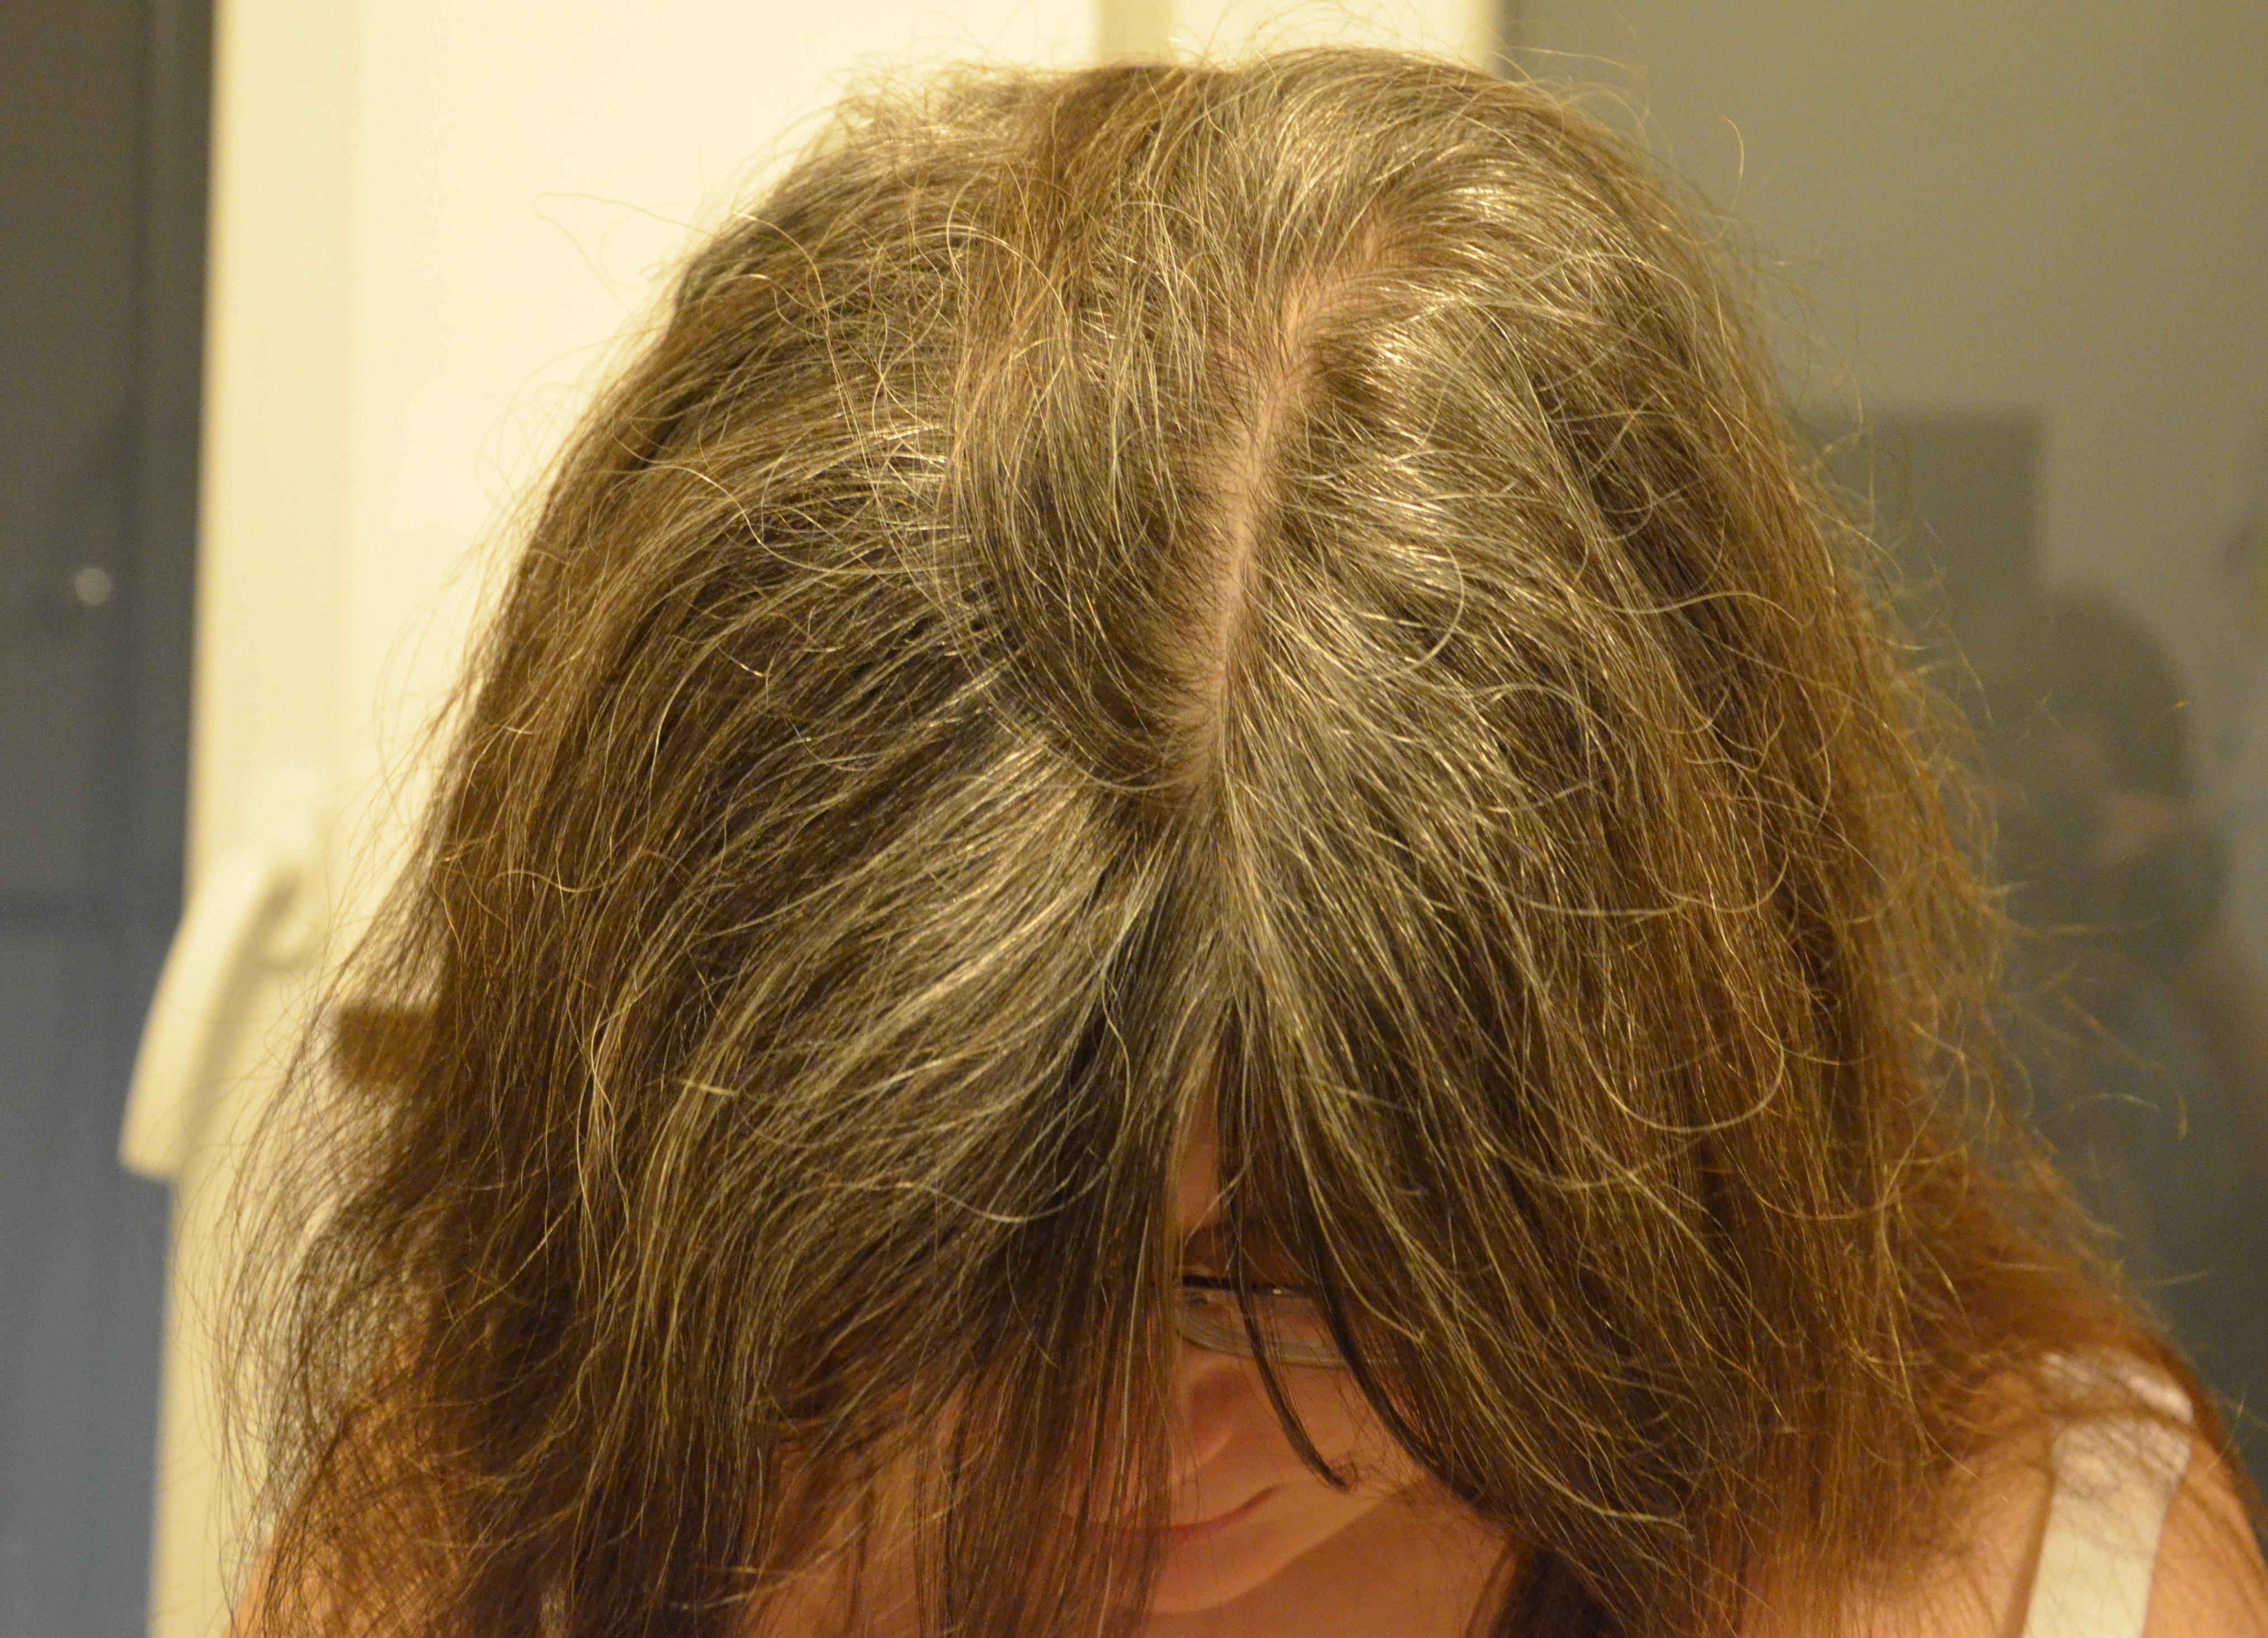 graue haare haben wieder farbe bekommen modische frisuren f r sie foto blog. Black Bedroom Furniture Sets. Home Design Ideas